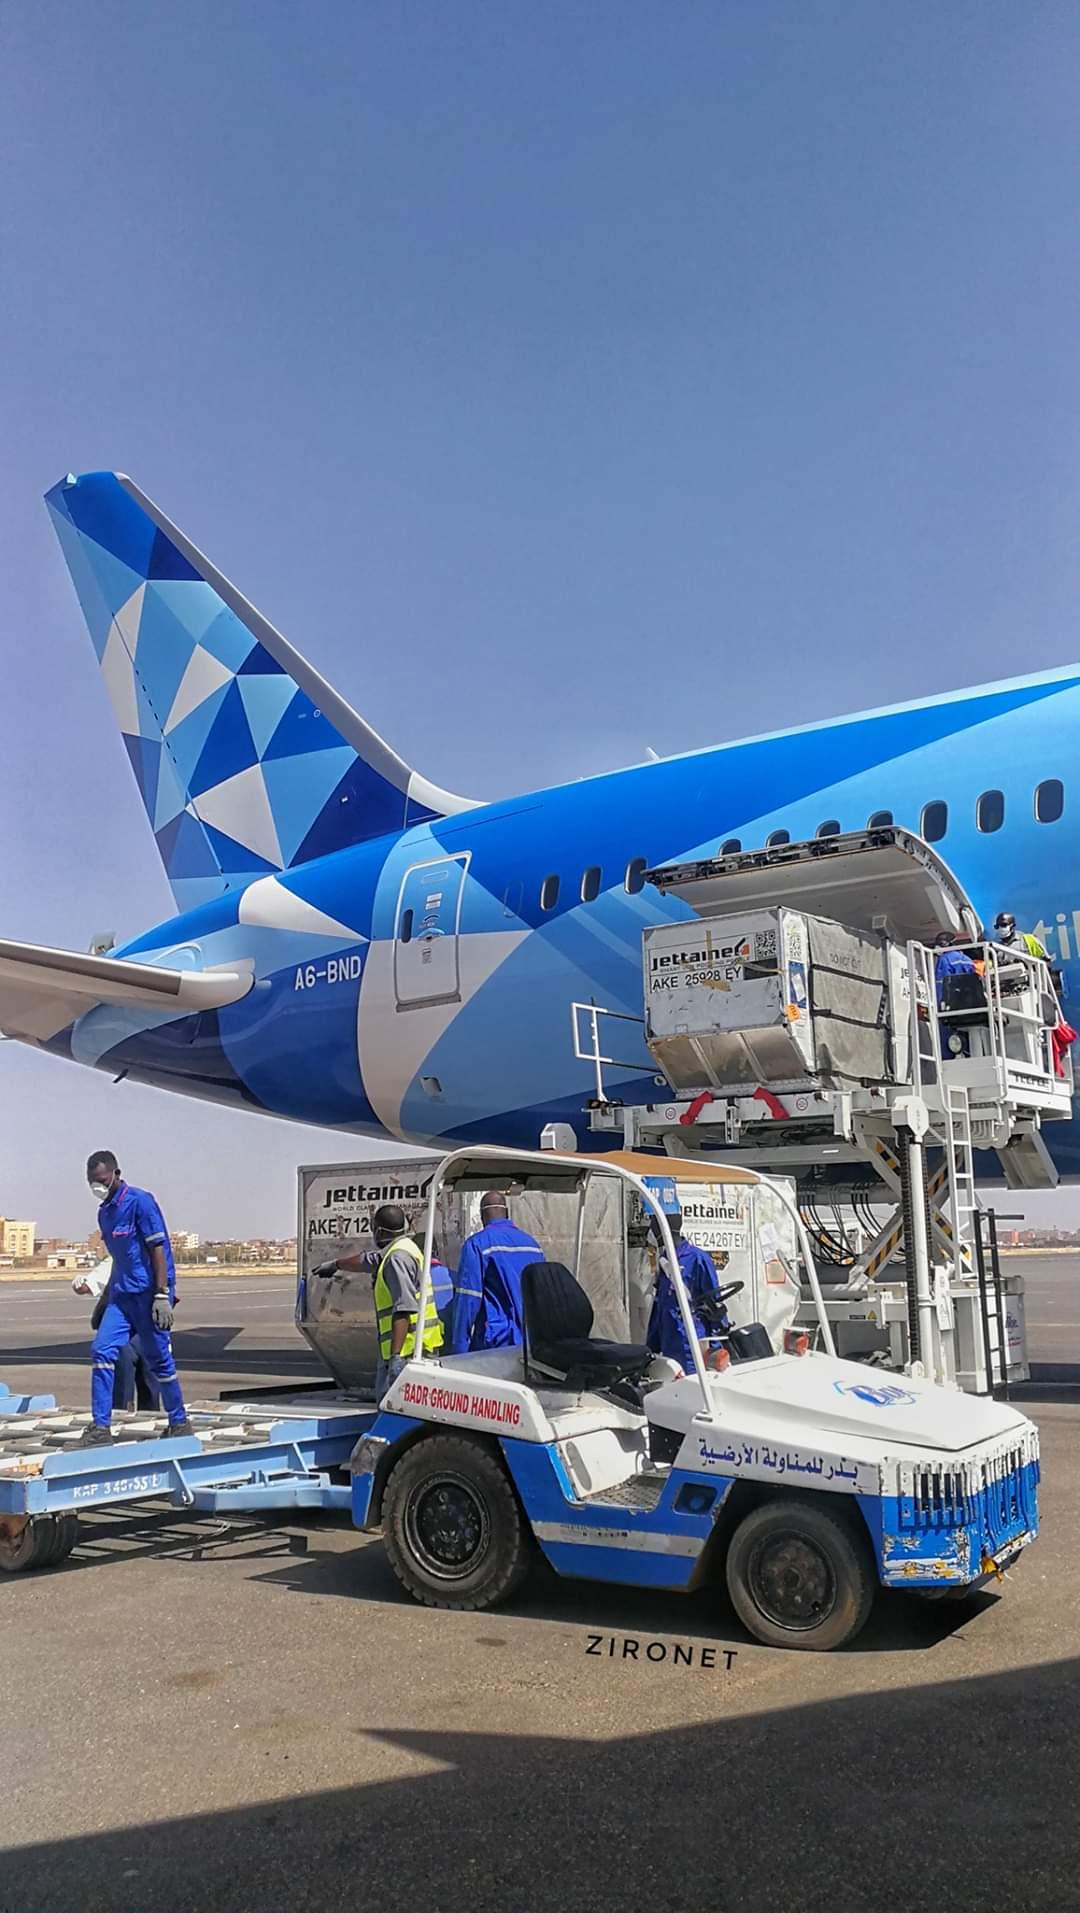 الجزيرة: طائرة مانشستر سيتي متخفية في الخرطوم لدعم حفتر بمقاتلين من السودان